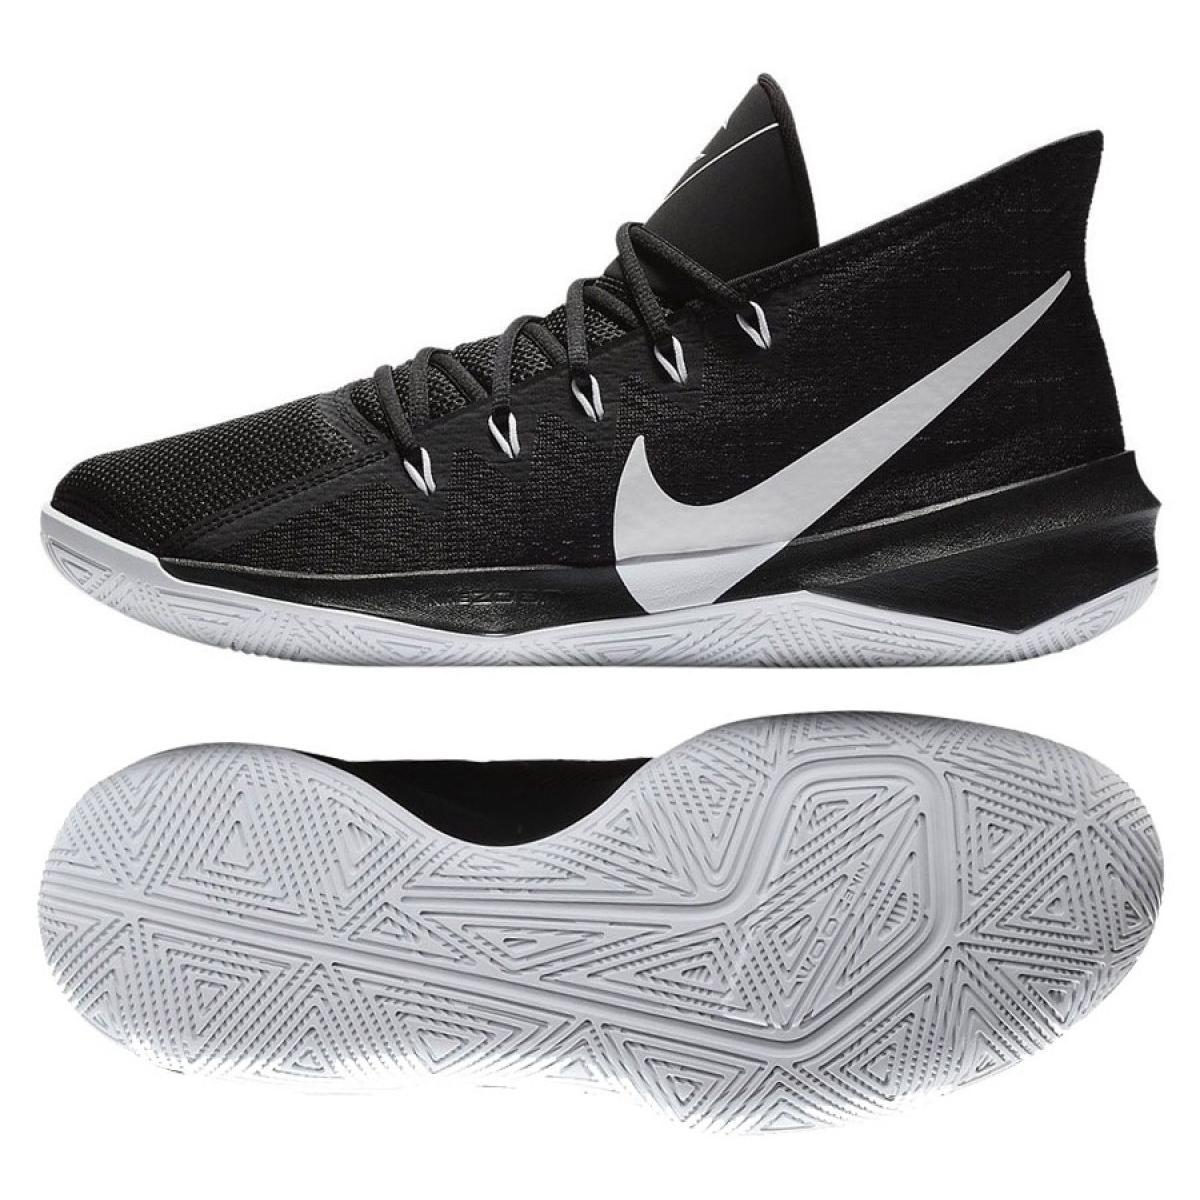 Tenis De Basquetebol Sapatos Tênis com o Melhores Preços